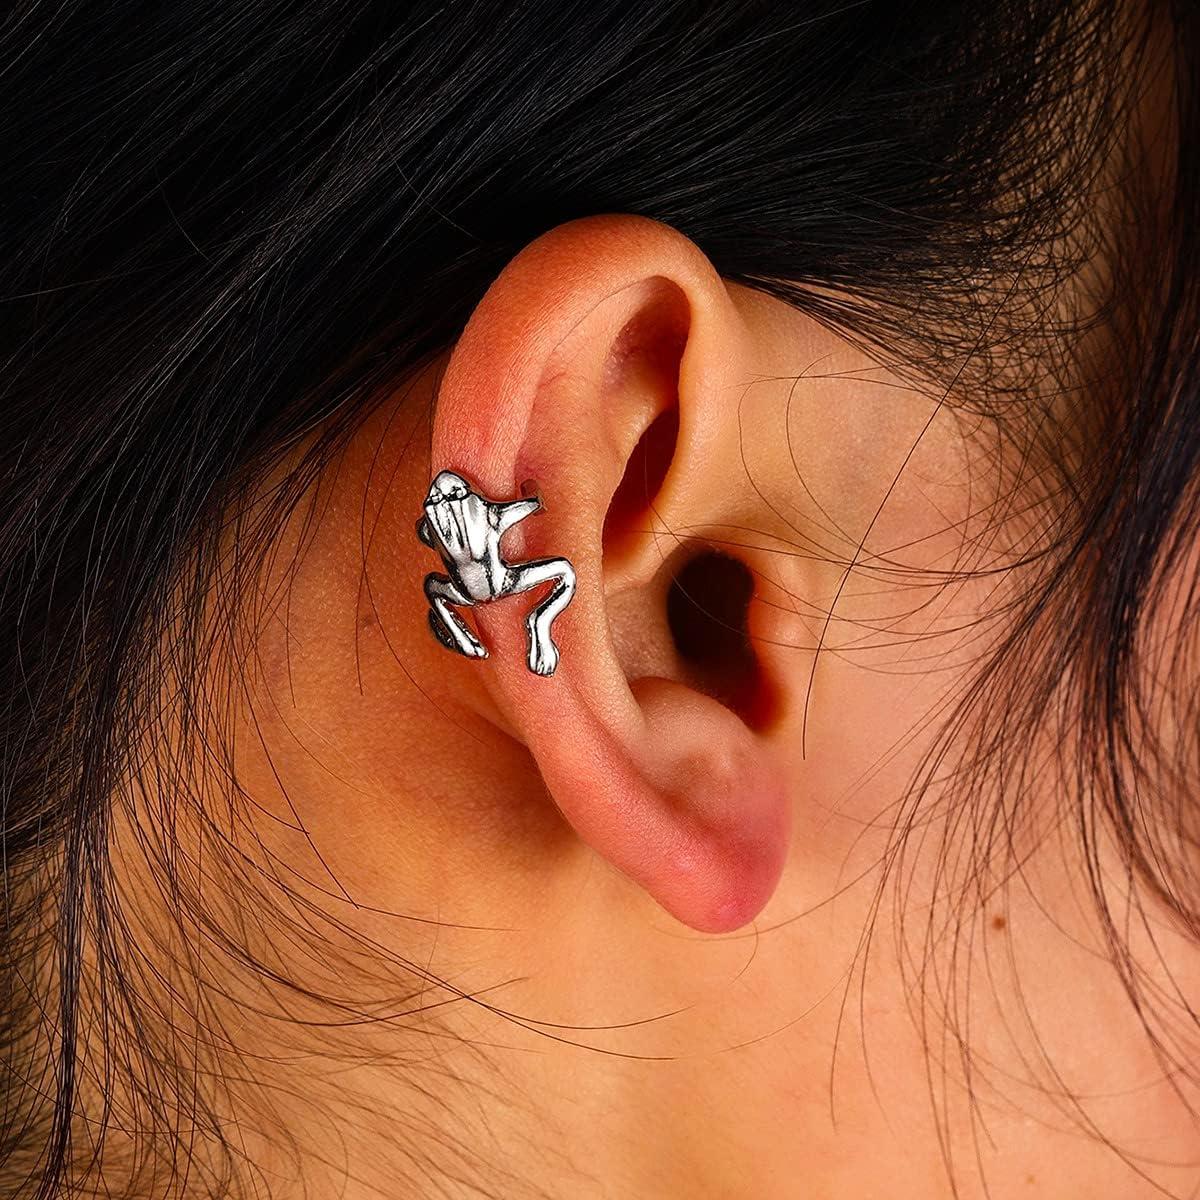 3 Pairs Vintage Frog Earrings, Frog Ear Cuffs Crawler Ear Wrap Climbers Earrings, Frog Stud Earrings for Women Girls